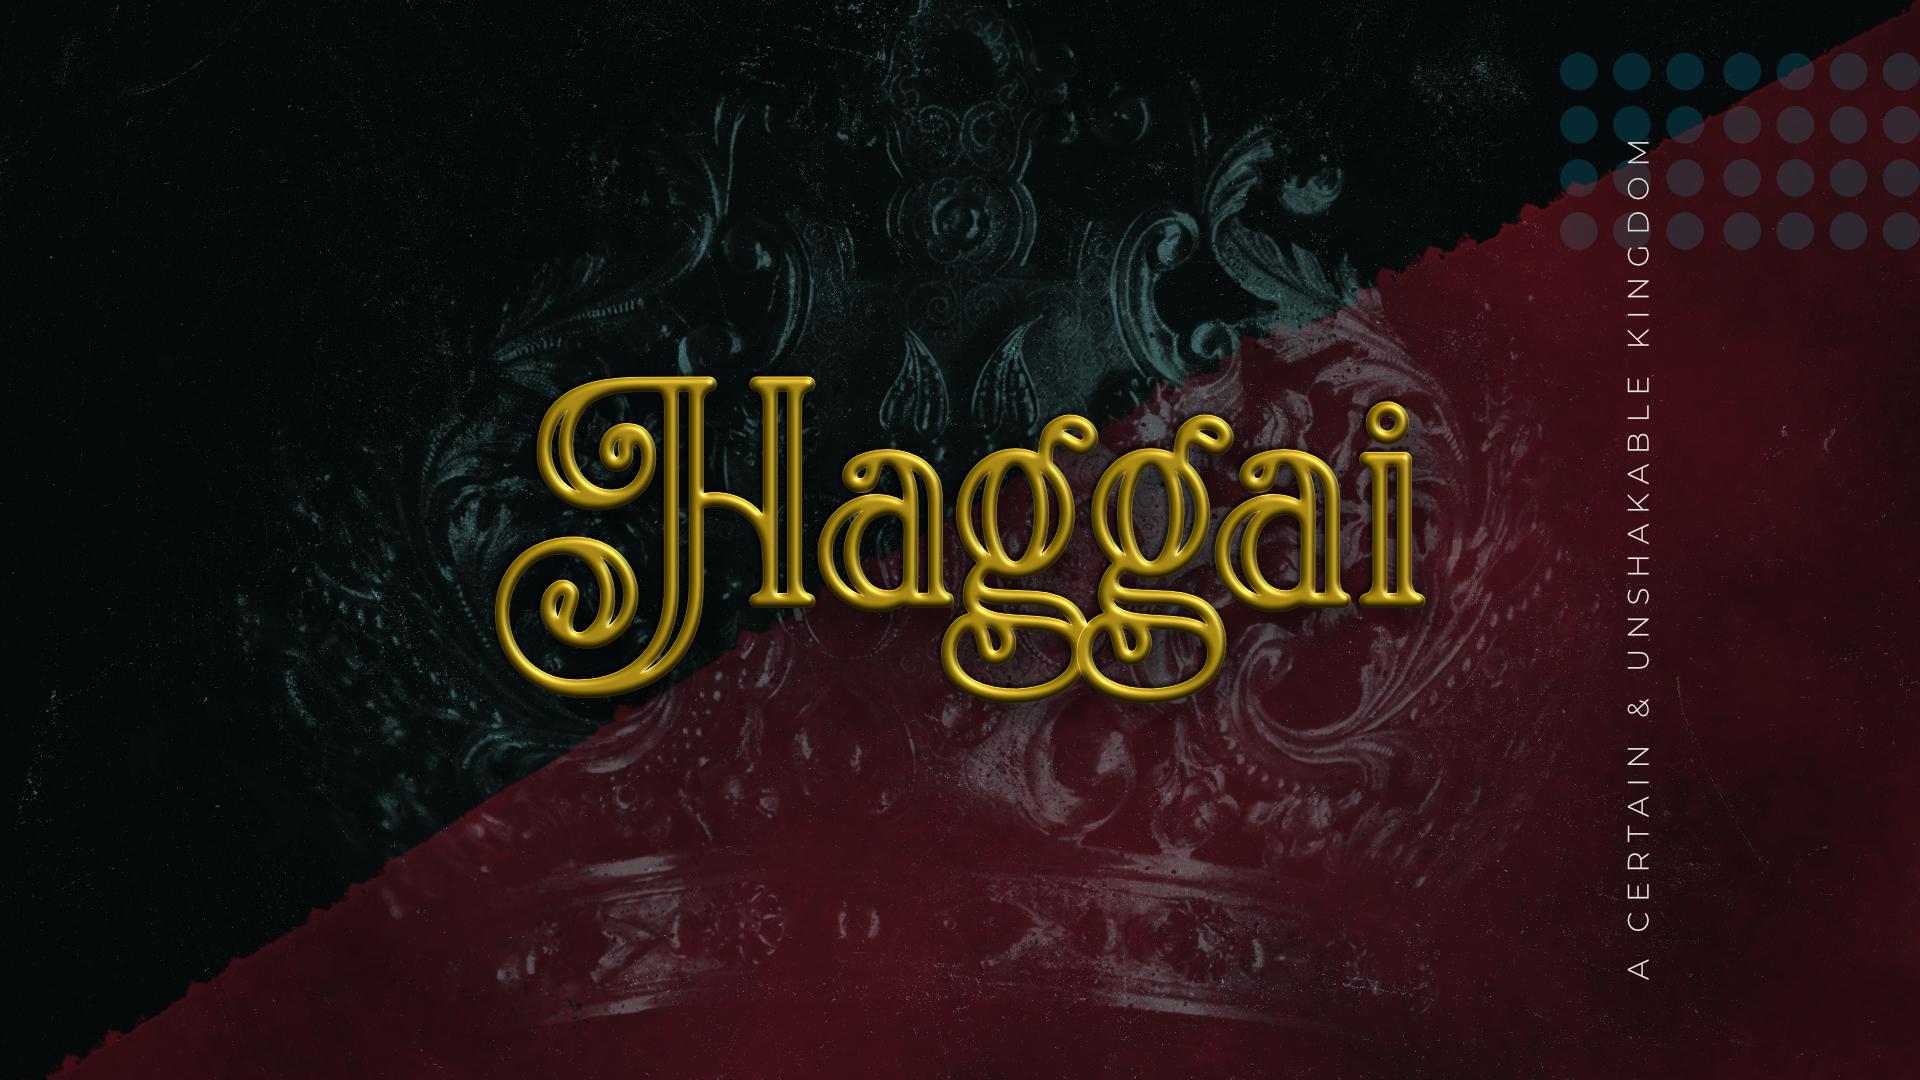 Haggai 2:10-23